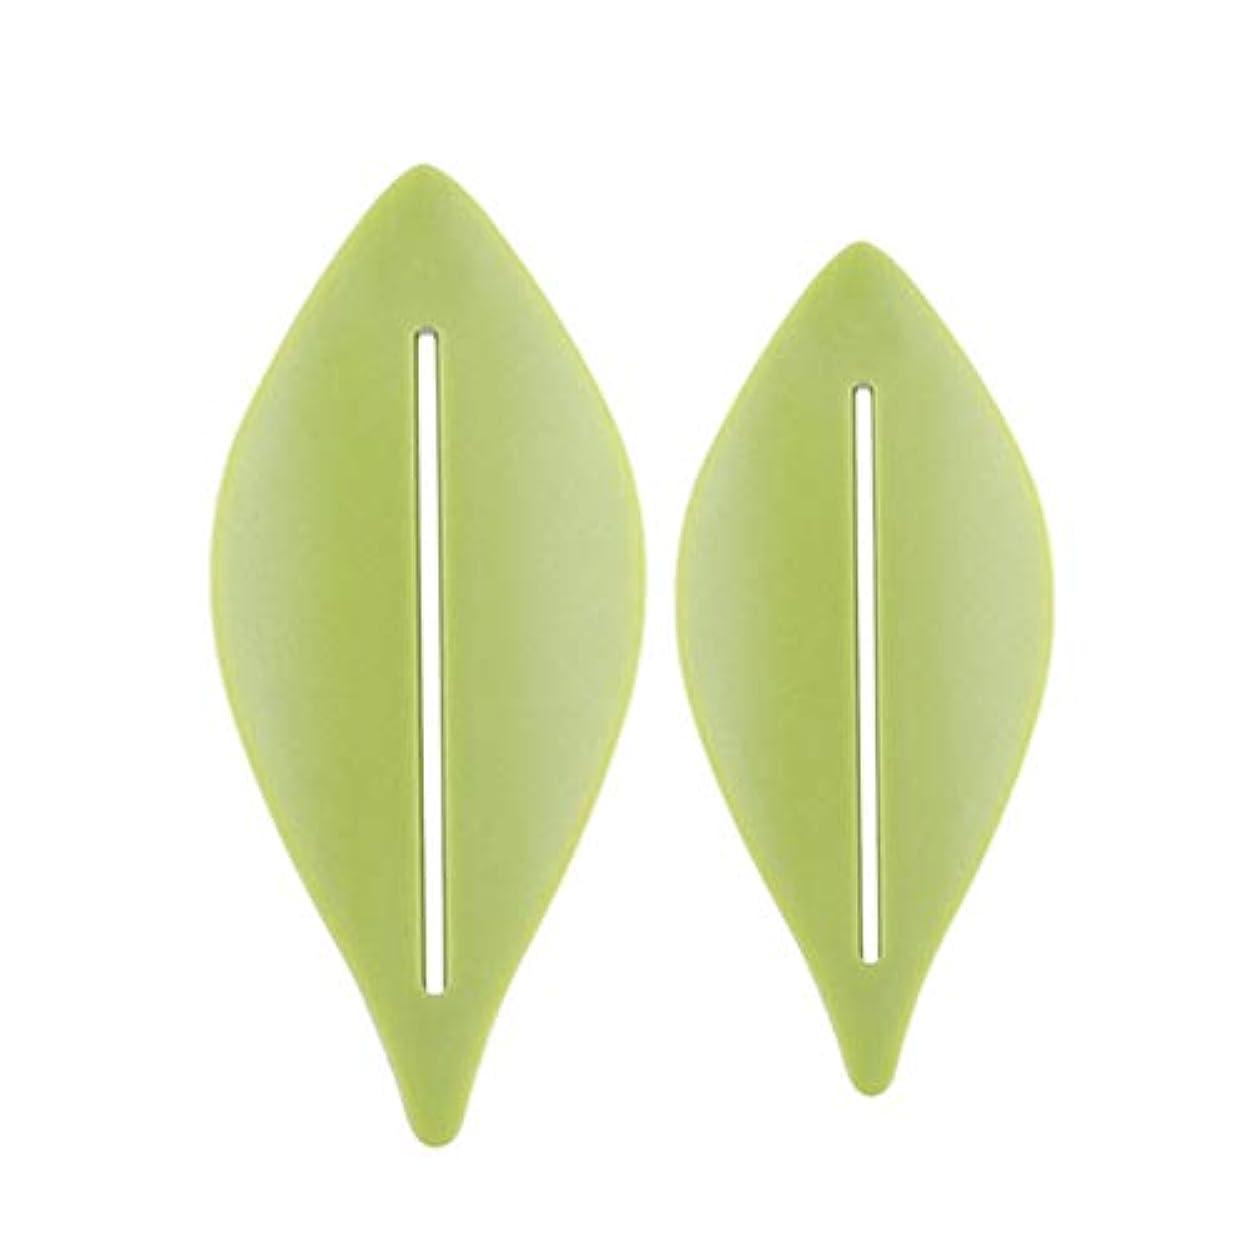 構成数値ポーズTOPBATHY 2ピース歯磨き粉スクイーザーチューブスクイーザー手動ハンドクリームスクイーザーチューブプレッサースクイーズ